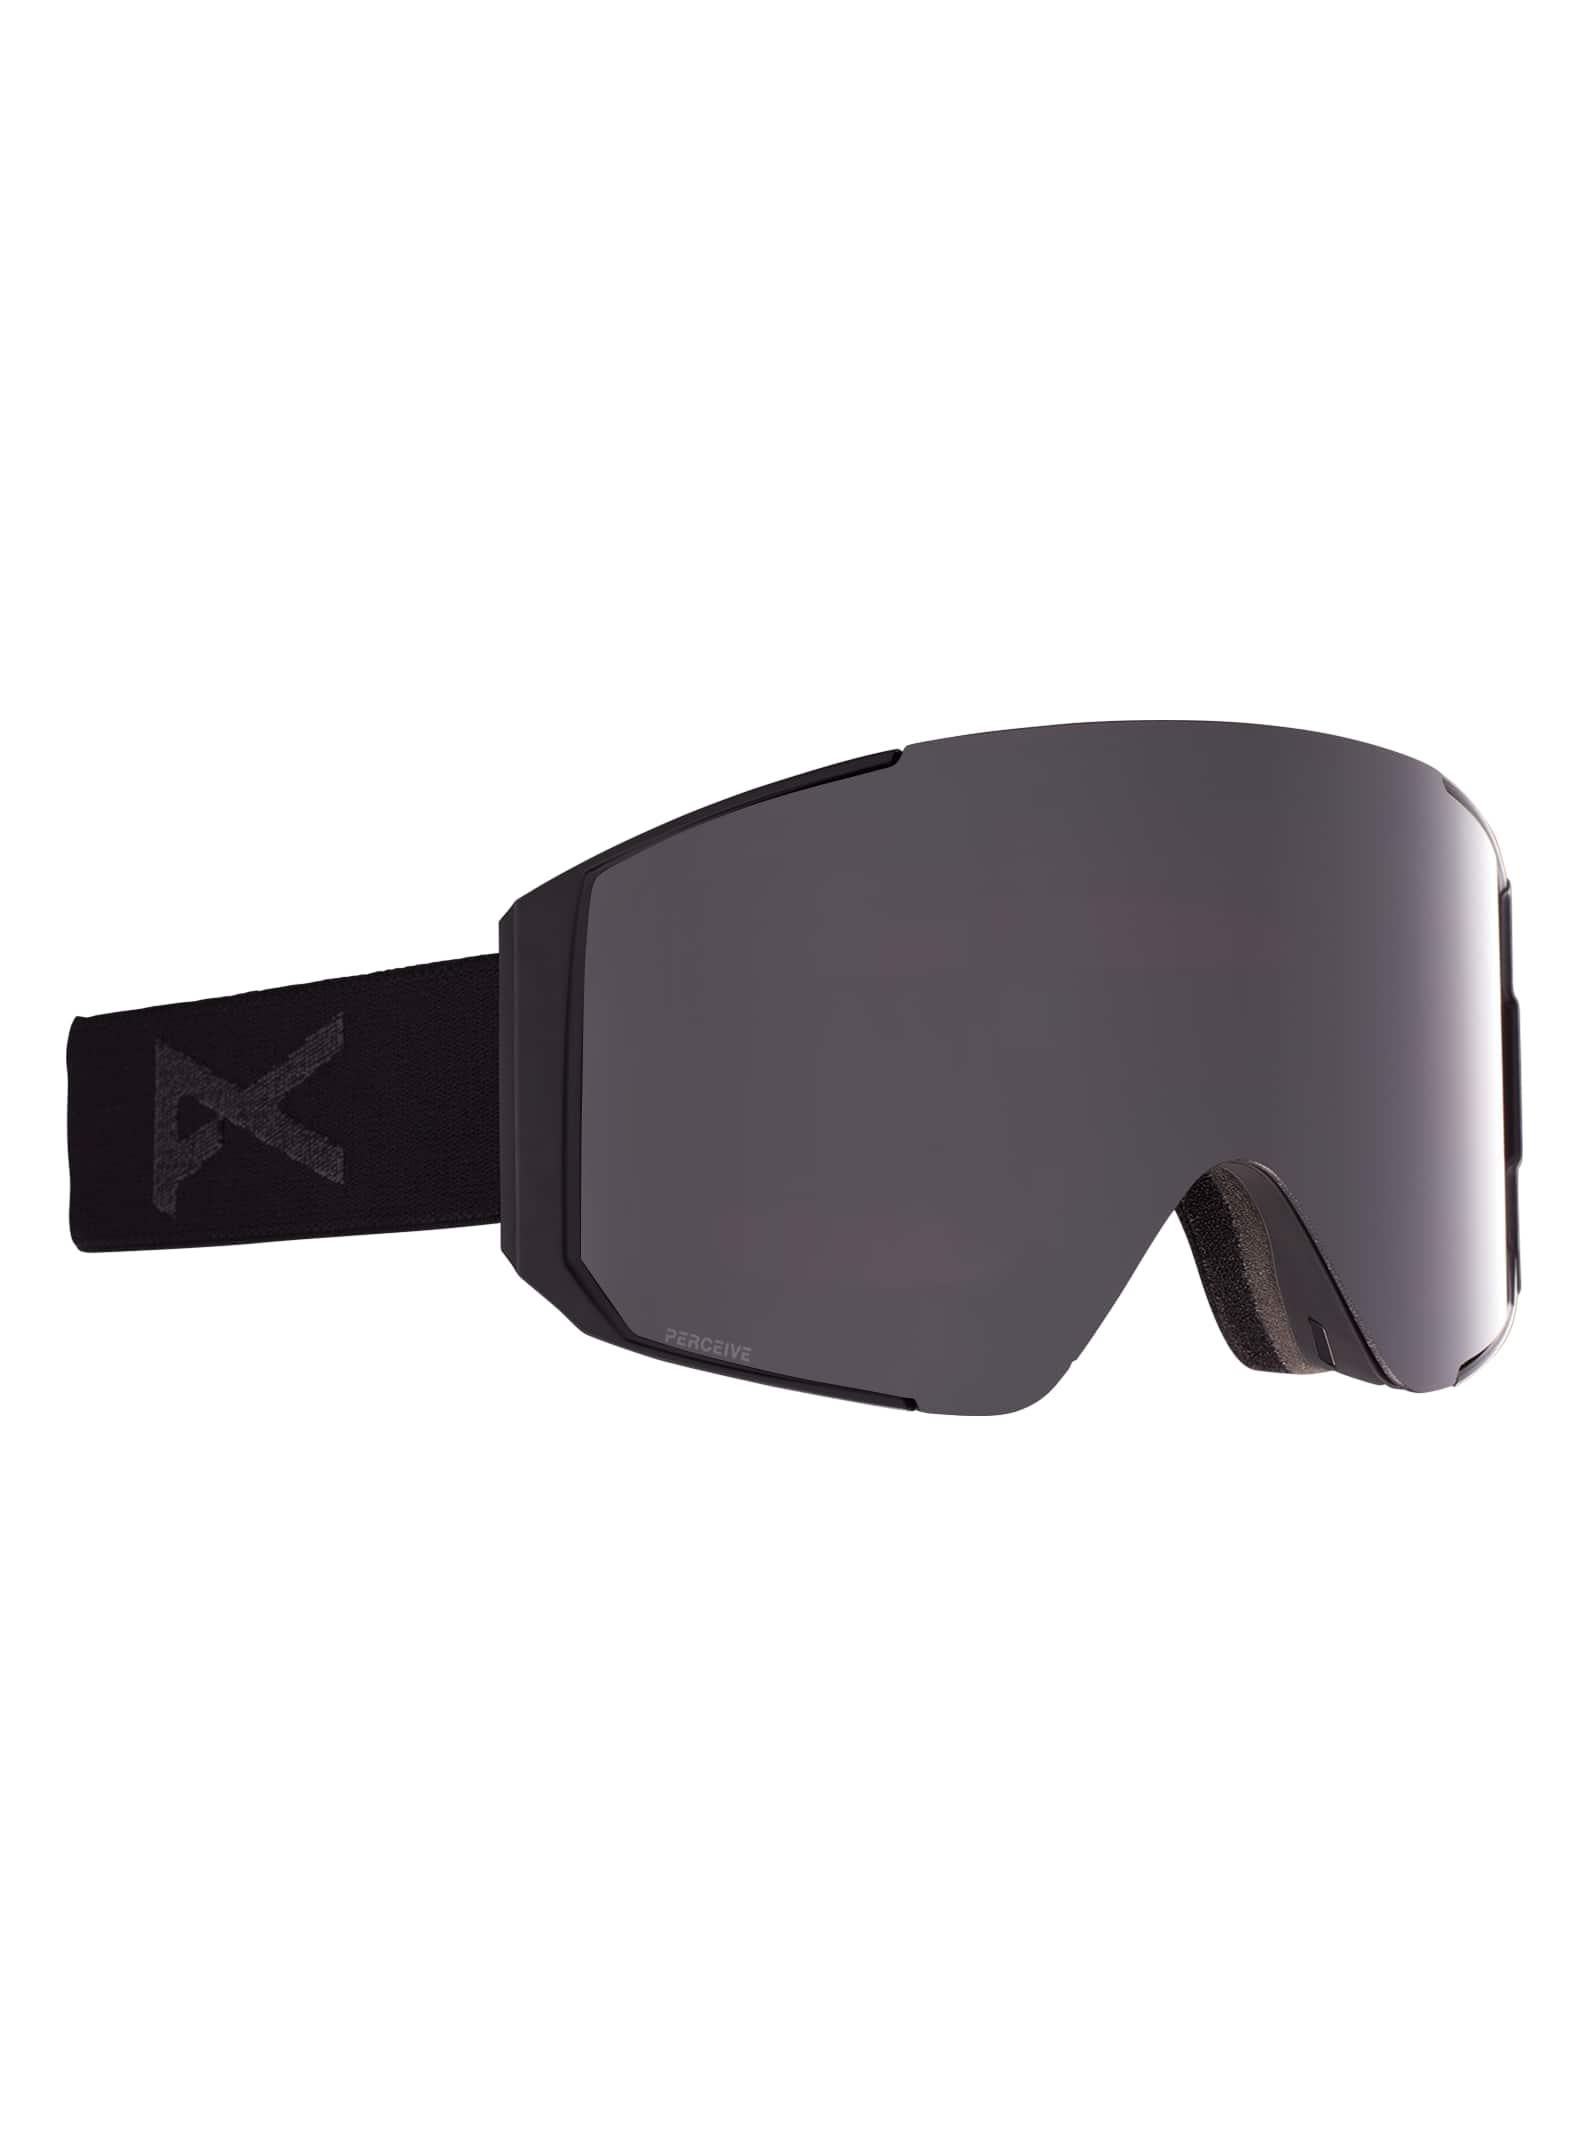 Anon Sync skidglasögon för herrar + reservlins